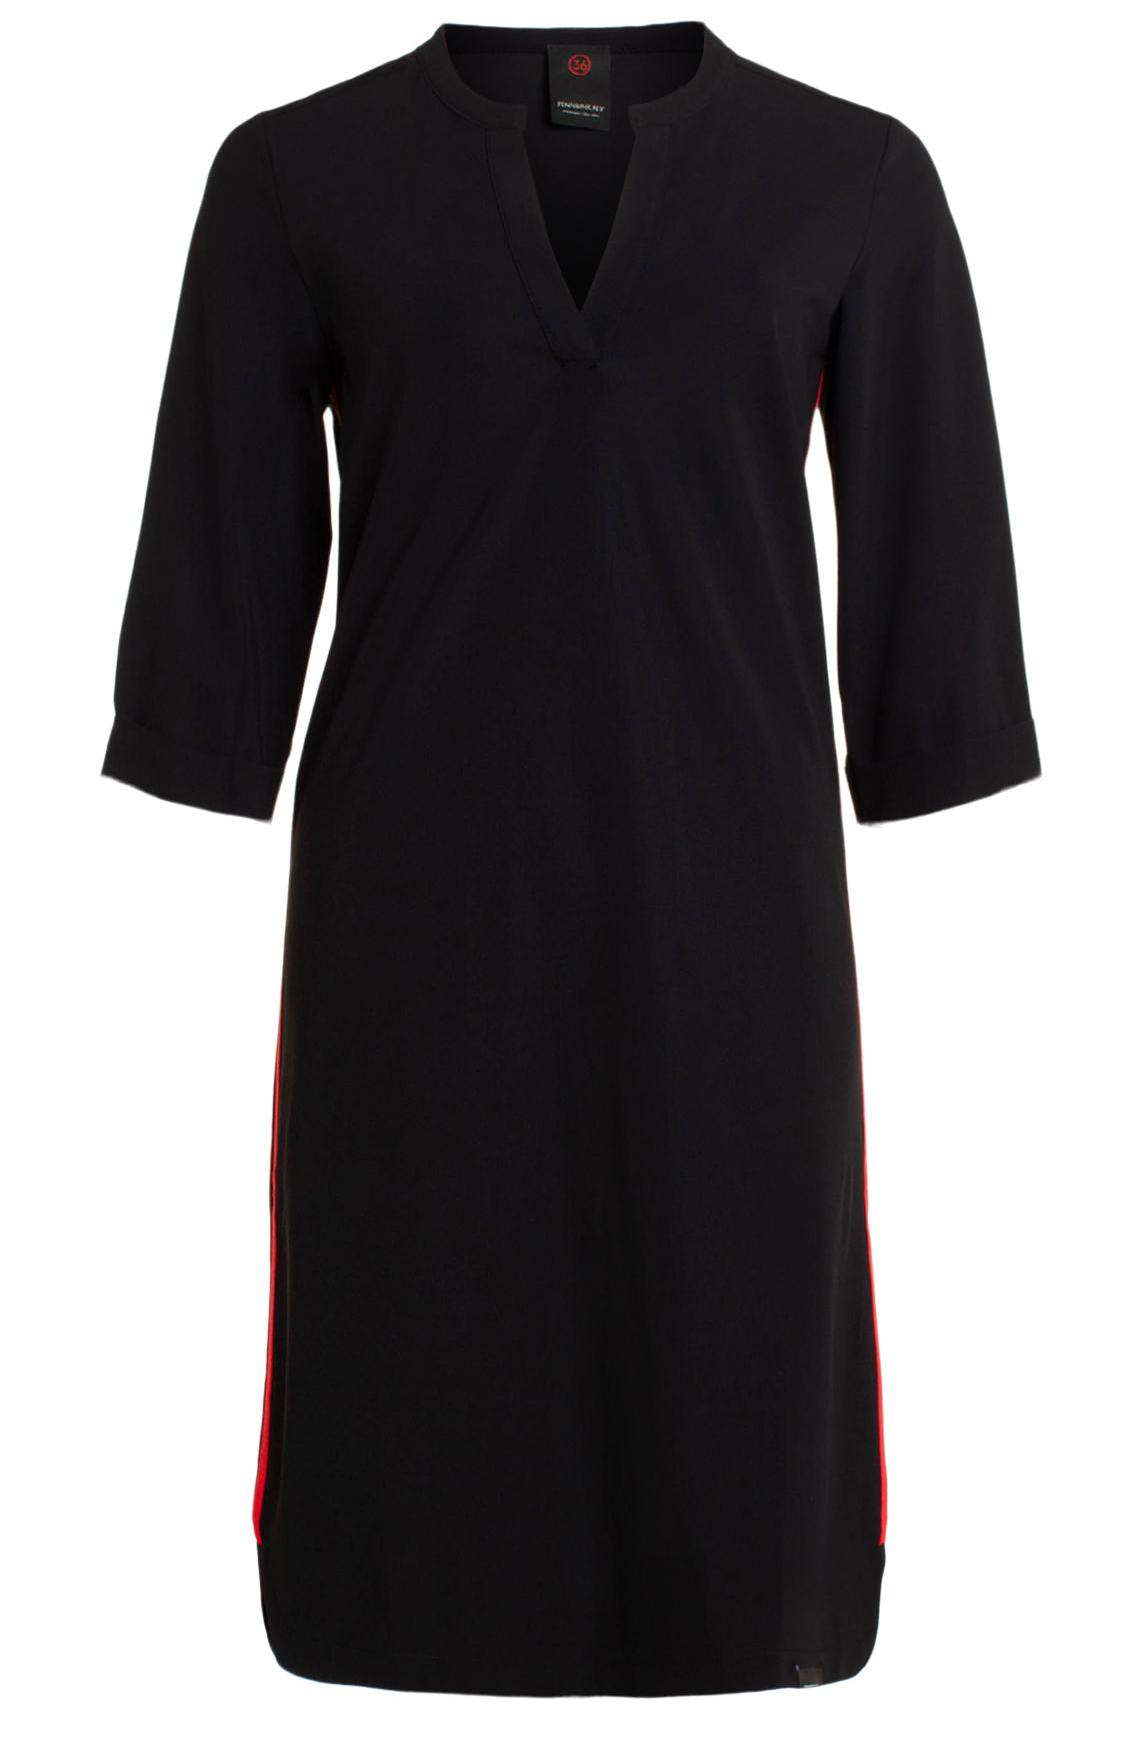 Penn & Ink Dames Jersey jurk met dubbele bies zwart